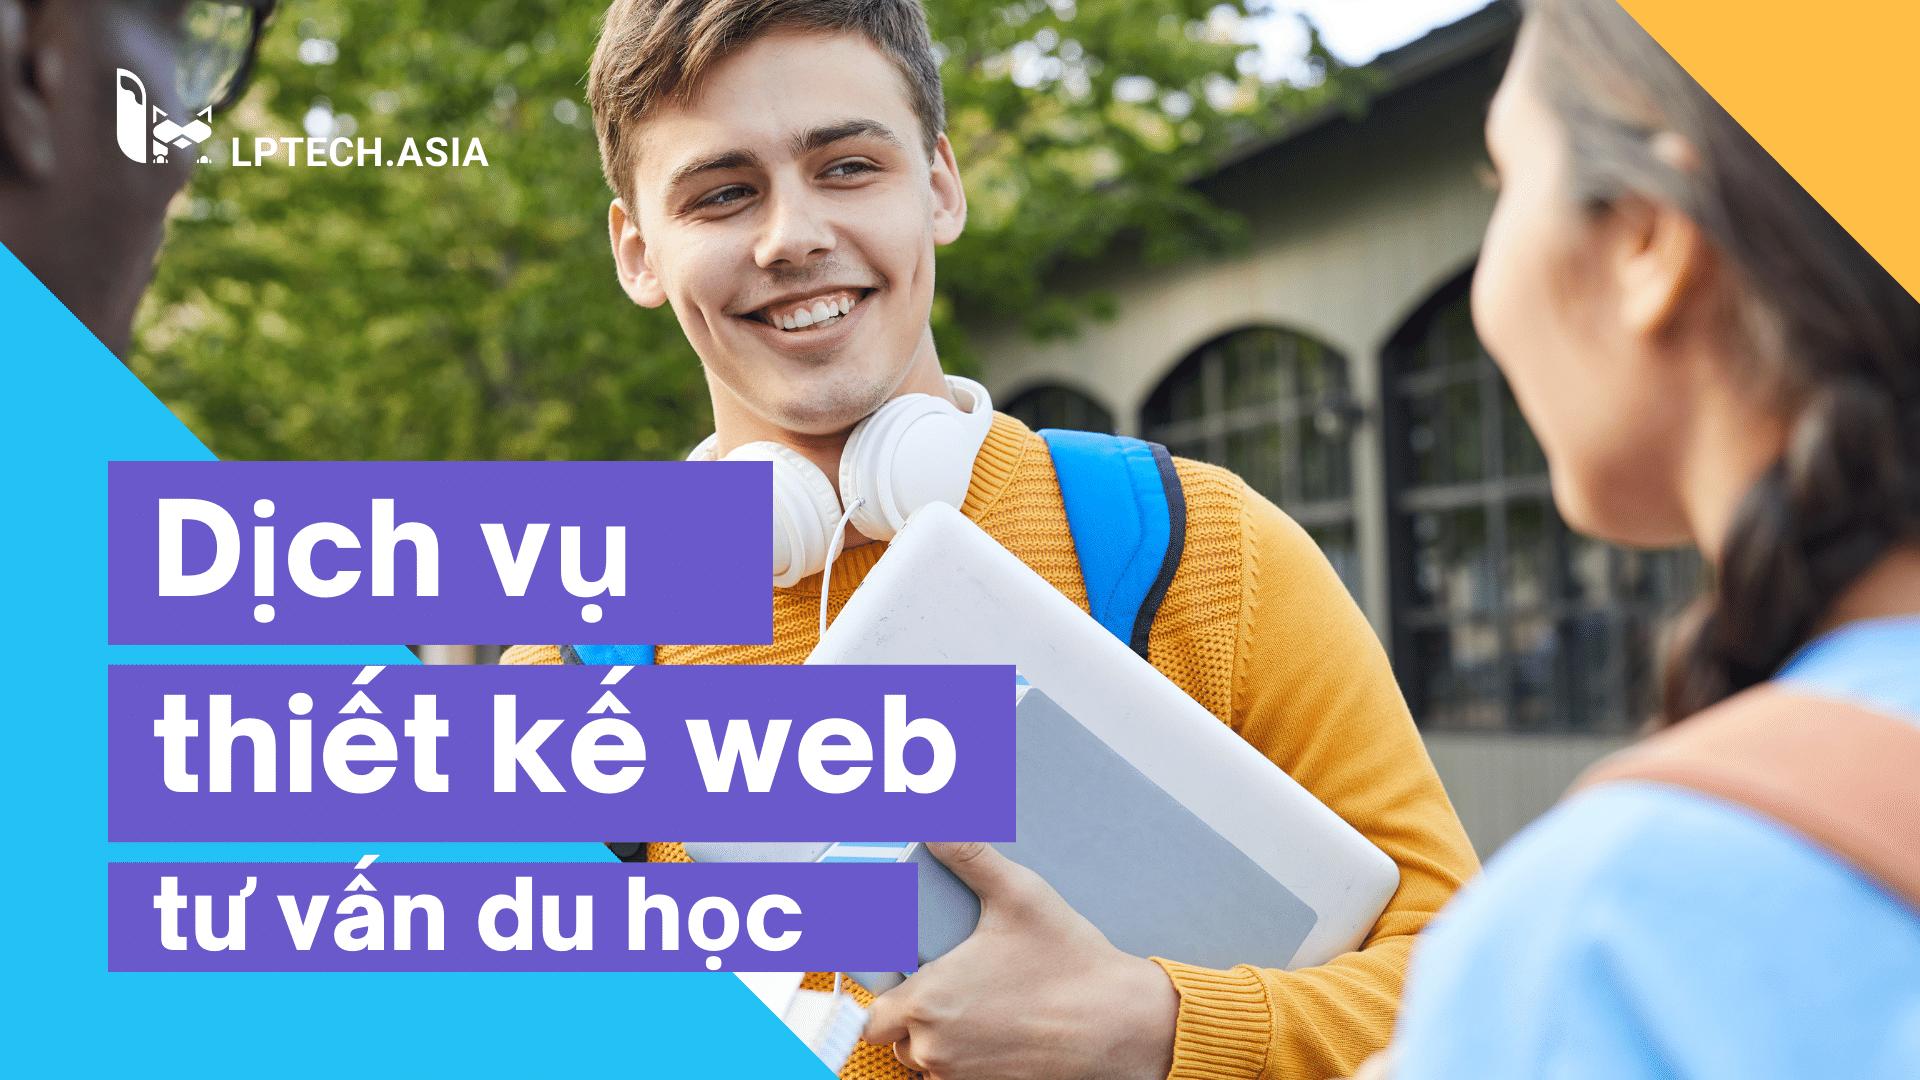 Thiết kế web tư vấn du học thân thiện với người dùng